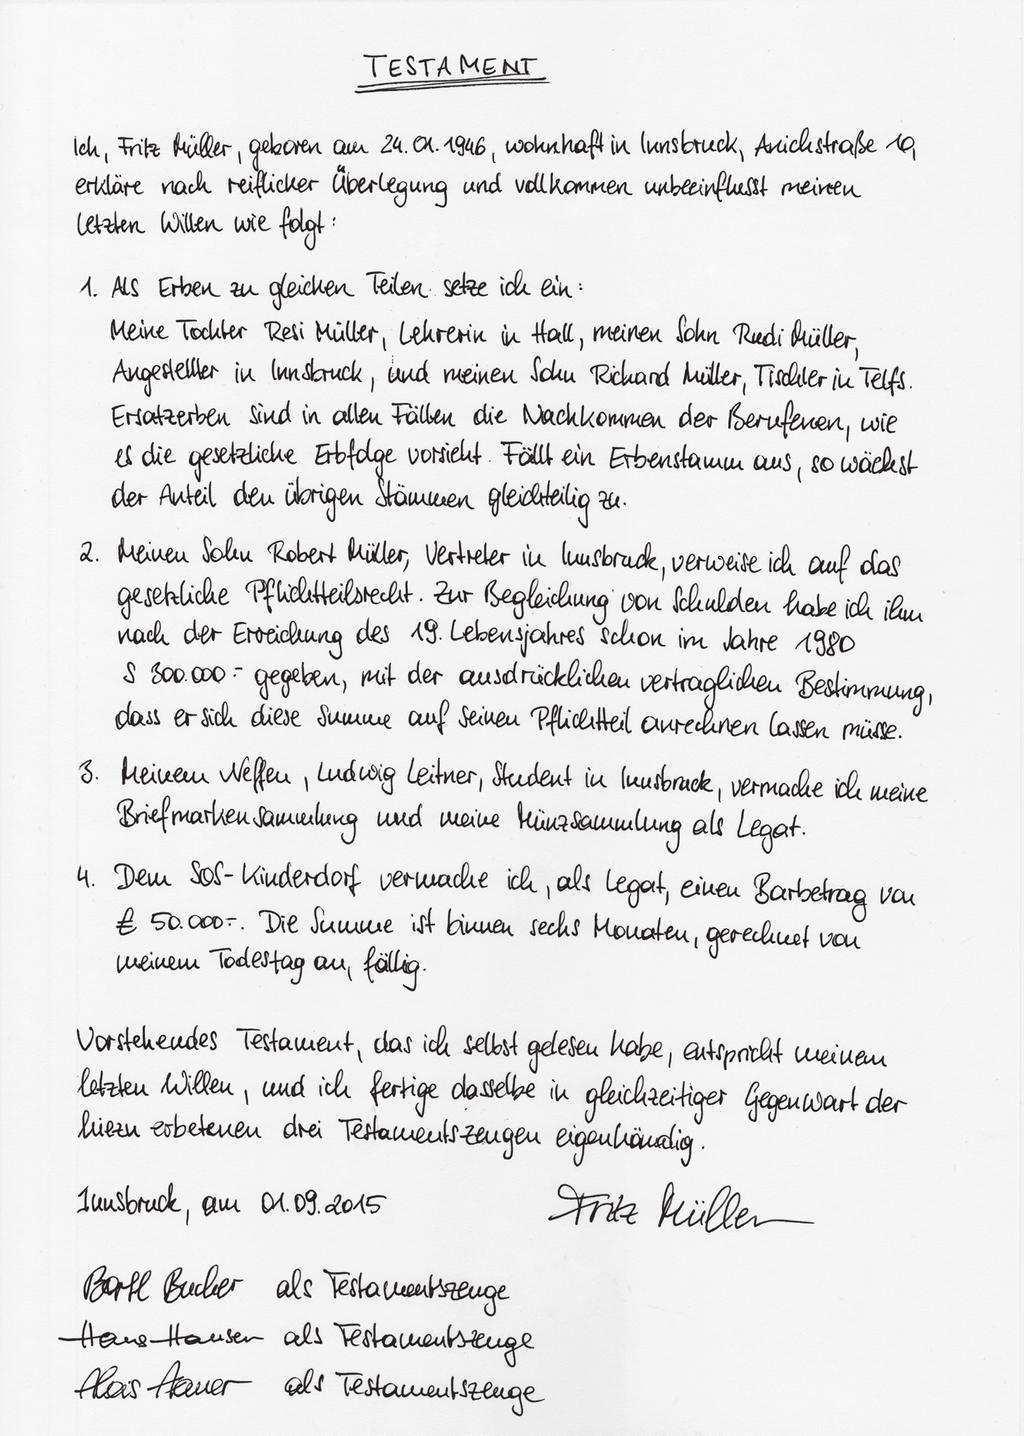 Handbuch Zum Erbrecht Ein Leitfaden Fur Alle Fragen Zum Erben Vererben Und Schenken Pdf Free Download